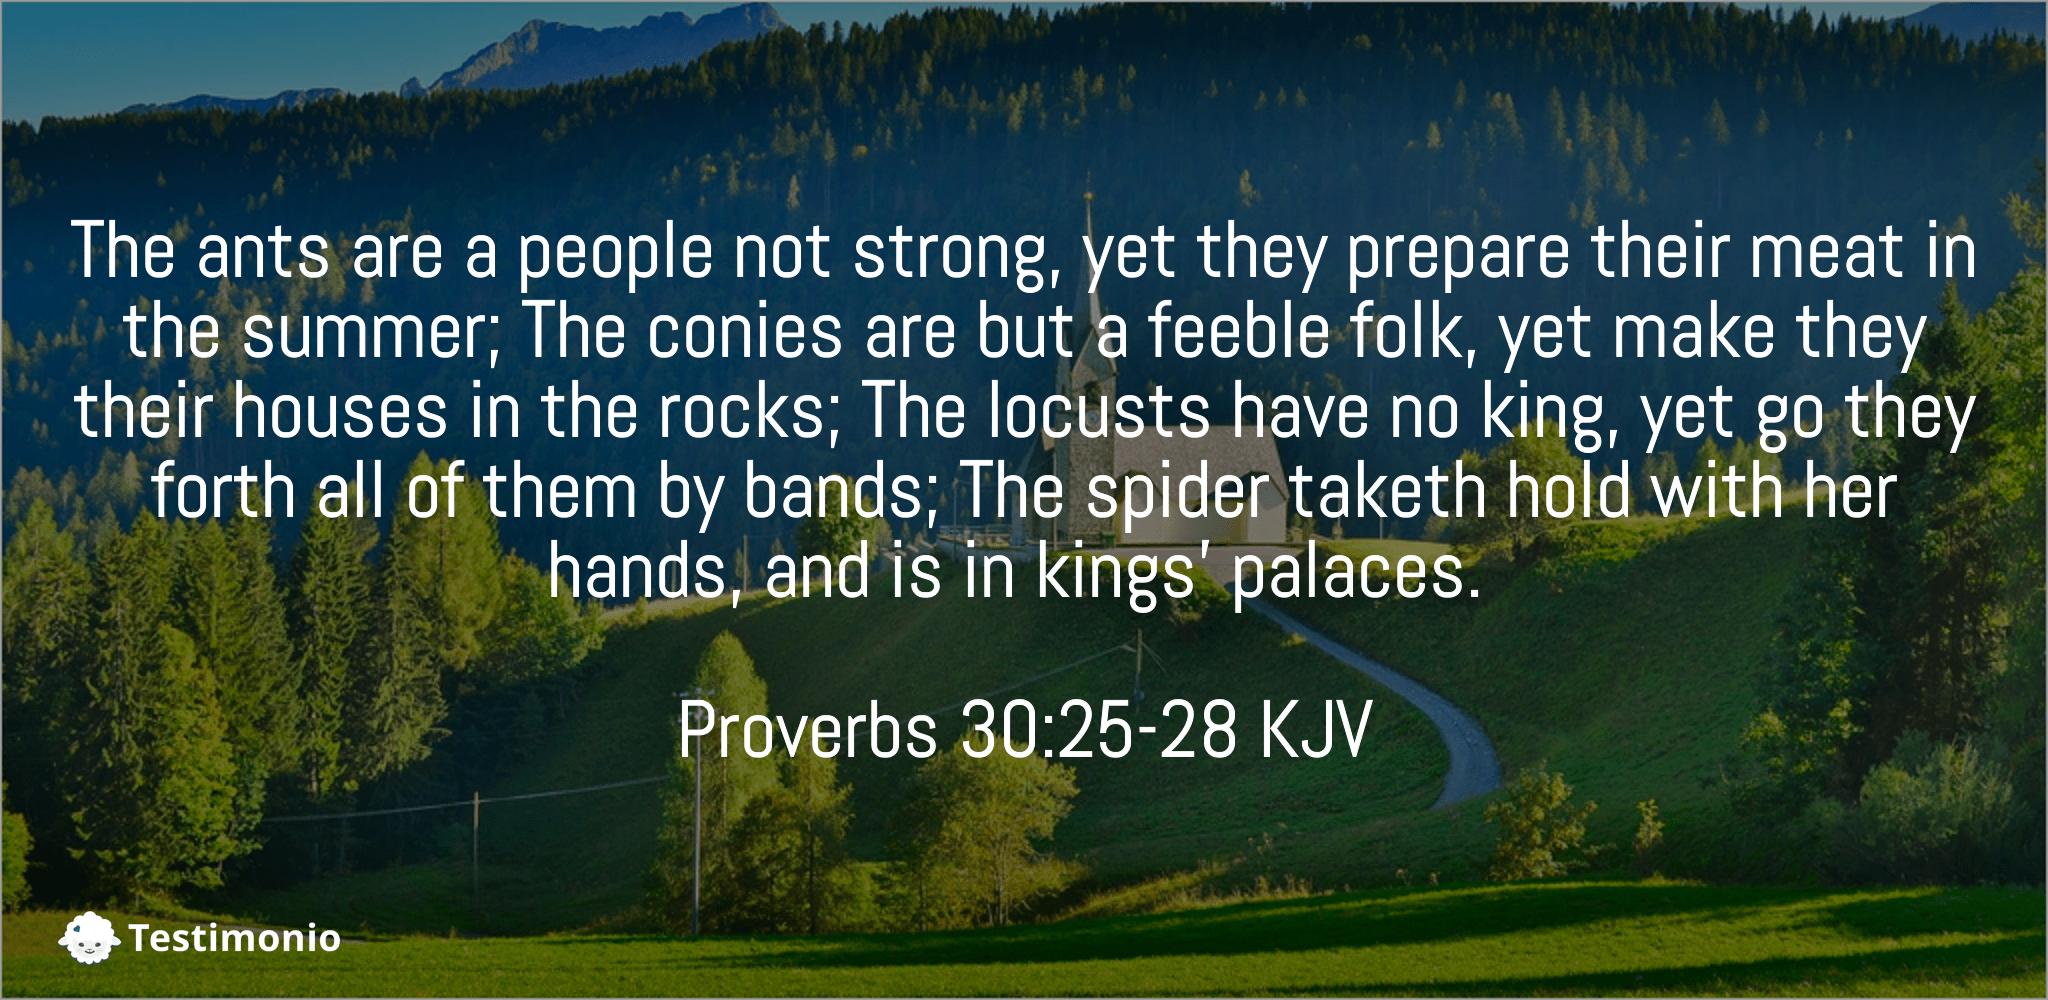 Proverbs 30:25-28